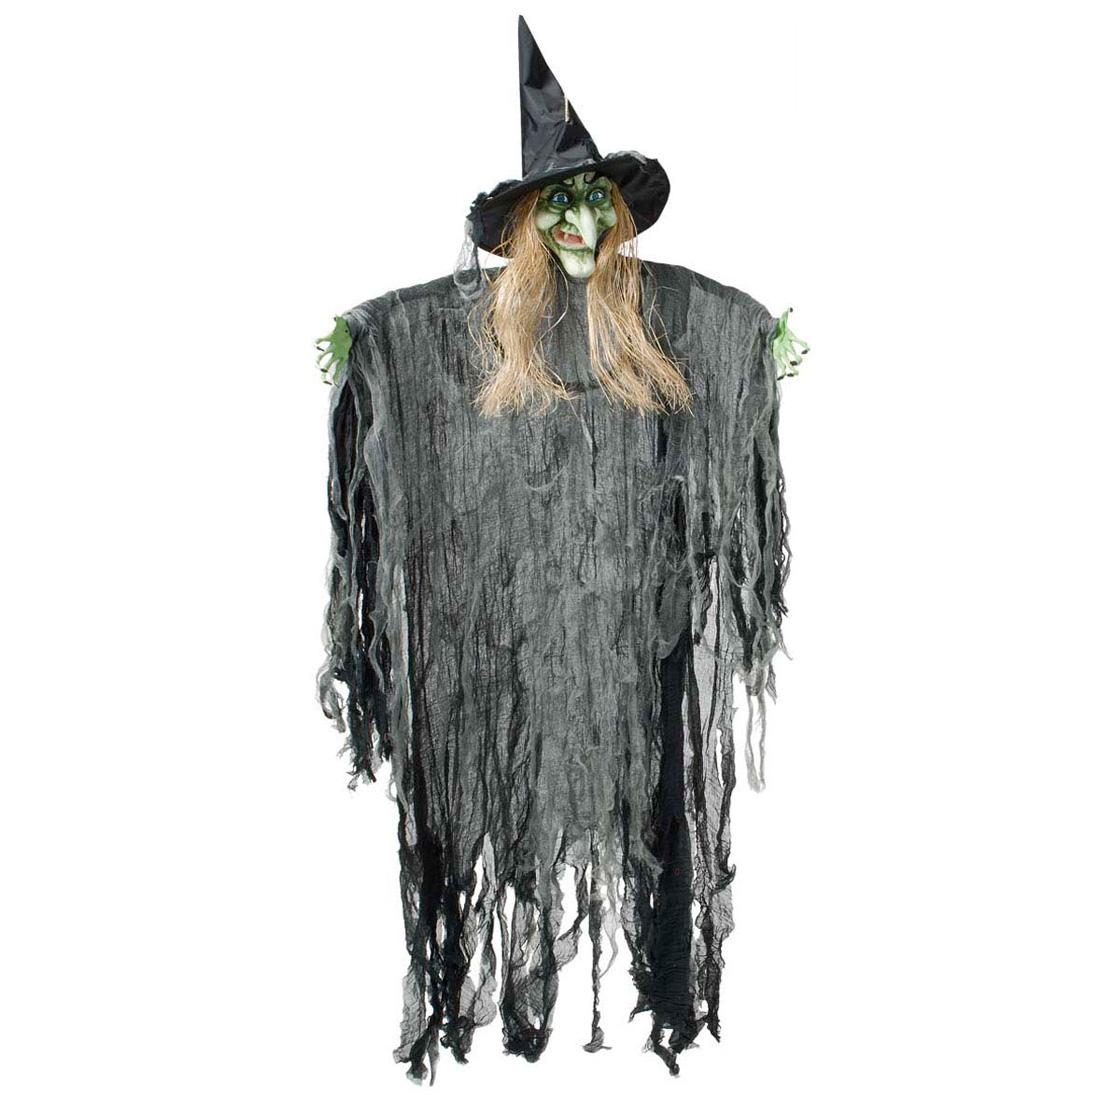 Halloween Hexe Horror Deko 170 Cm Dekofigur Hexenfigur